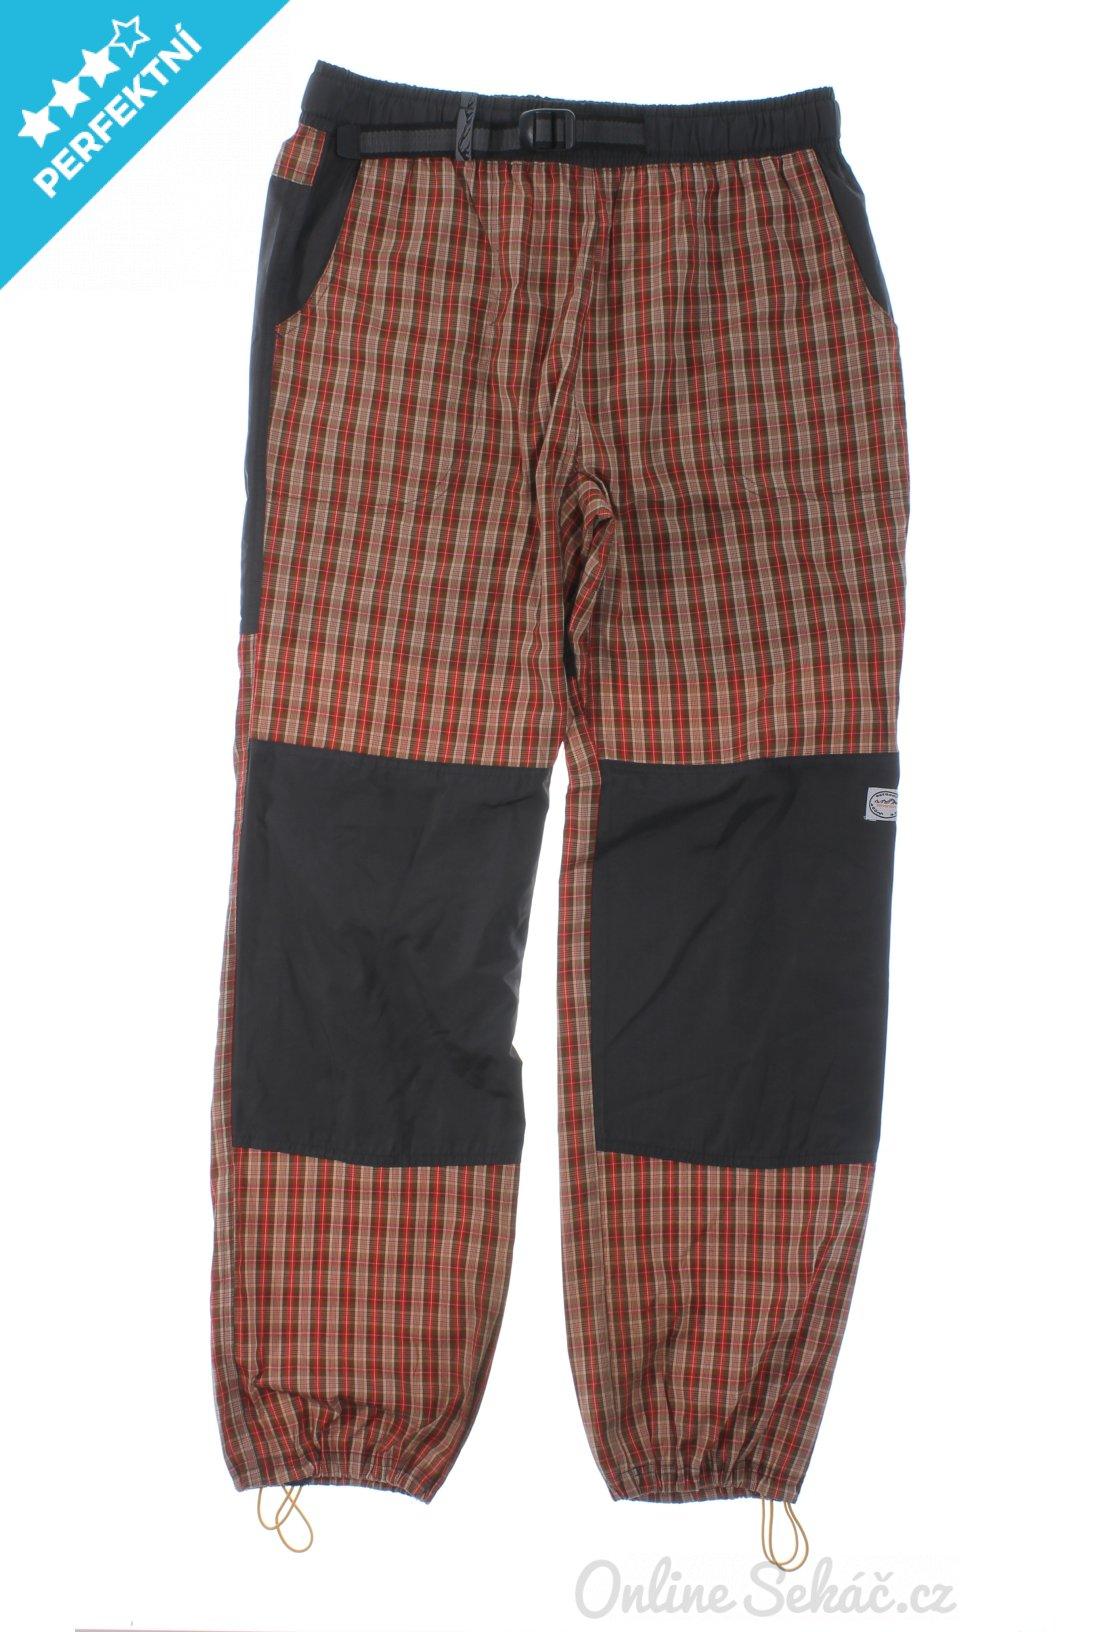 3f235bd0c360 Pánské plátěné kalhoty NEVEREST L